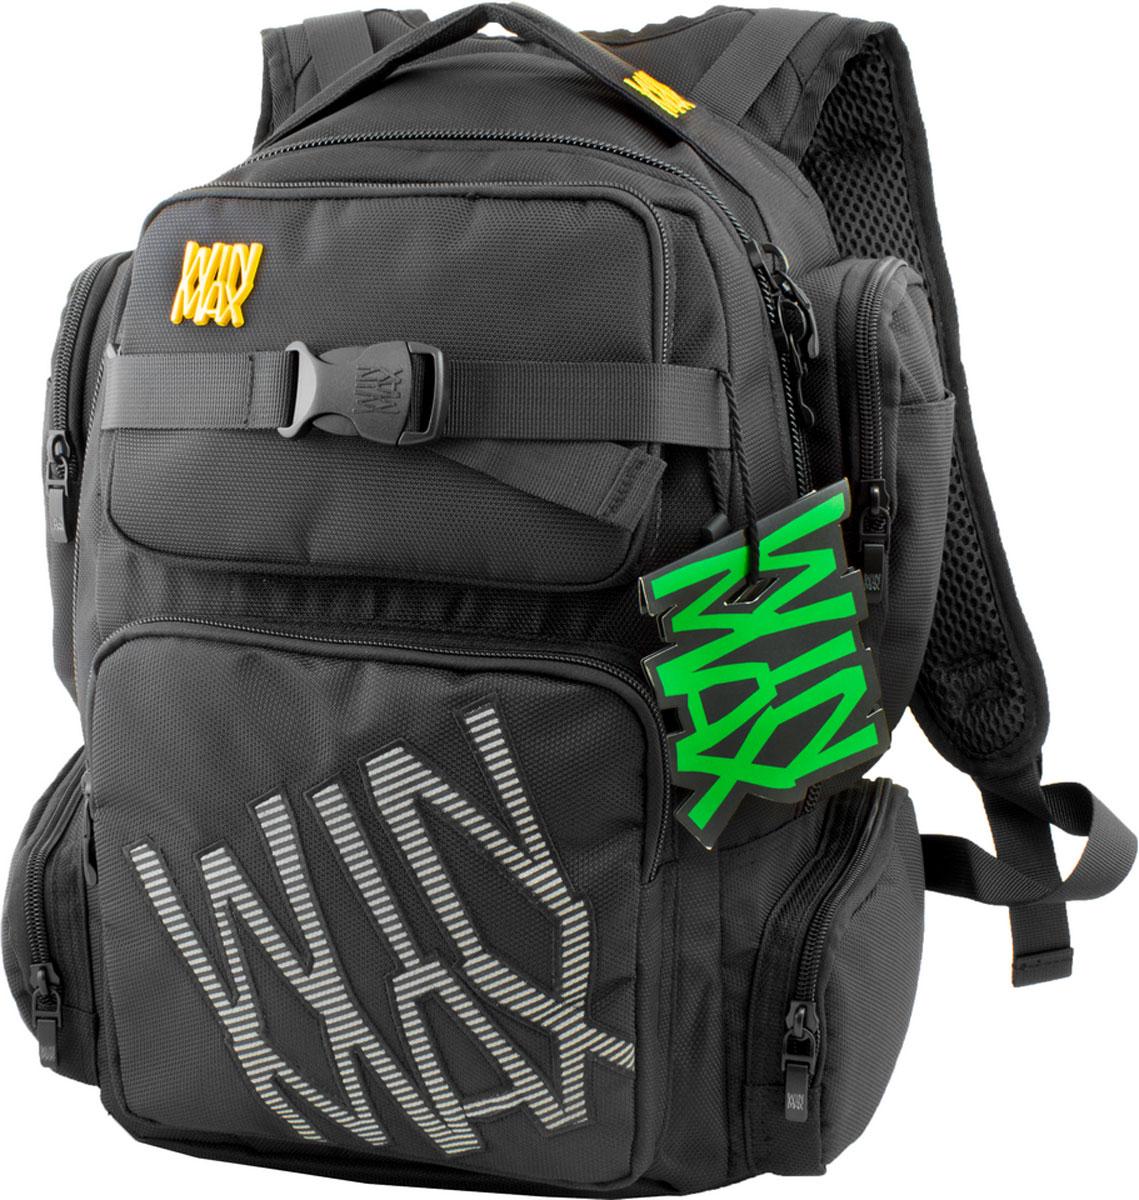 WinMax Школьный ранец K-509, цвет: черный, желтыйK-509_чер/желтРюкзак, с множеством внешних карманов. Качественный, легкий и прочный материал делает рюкзак практичным и долговечным в носке.Отделения: В рюкзаке одно большое отделение, в котором расположен отсек для ноутбука диагональю 13,3 – 14, для наилучшей сохранности вашего ПК, данный отсек на подкладке из мягкого материала + карман-сетка для хранения аксессуаров от ПК.Карманы: Боковые: Два нижних кармана на молнии, два верхних кармана на молнии + дополнительное отделение поверх бокового кармана. Передний верхний с двумя сетчатыми ячейками. Передний нижний с отделением под канцелярию (органайзер).В комплекте: • Бирка с индивидуальным штрих кодом и описанием. Имеет ряд качественных и удобных деталей. • Качественные молнии фирмы « SBS » + фирменные бегунки и фурнитура. • Дополнительными строчками для укрепления, прошиты все места, на которые приходятся основные нагрузки. • Спинка с технологией Technology Circle Air (вентиляция). • Анатомический крой лямок с вентилируемой технологией в...